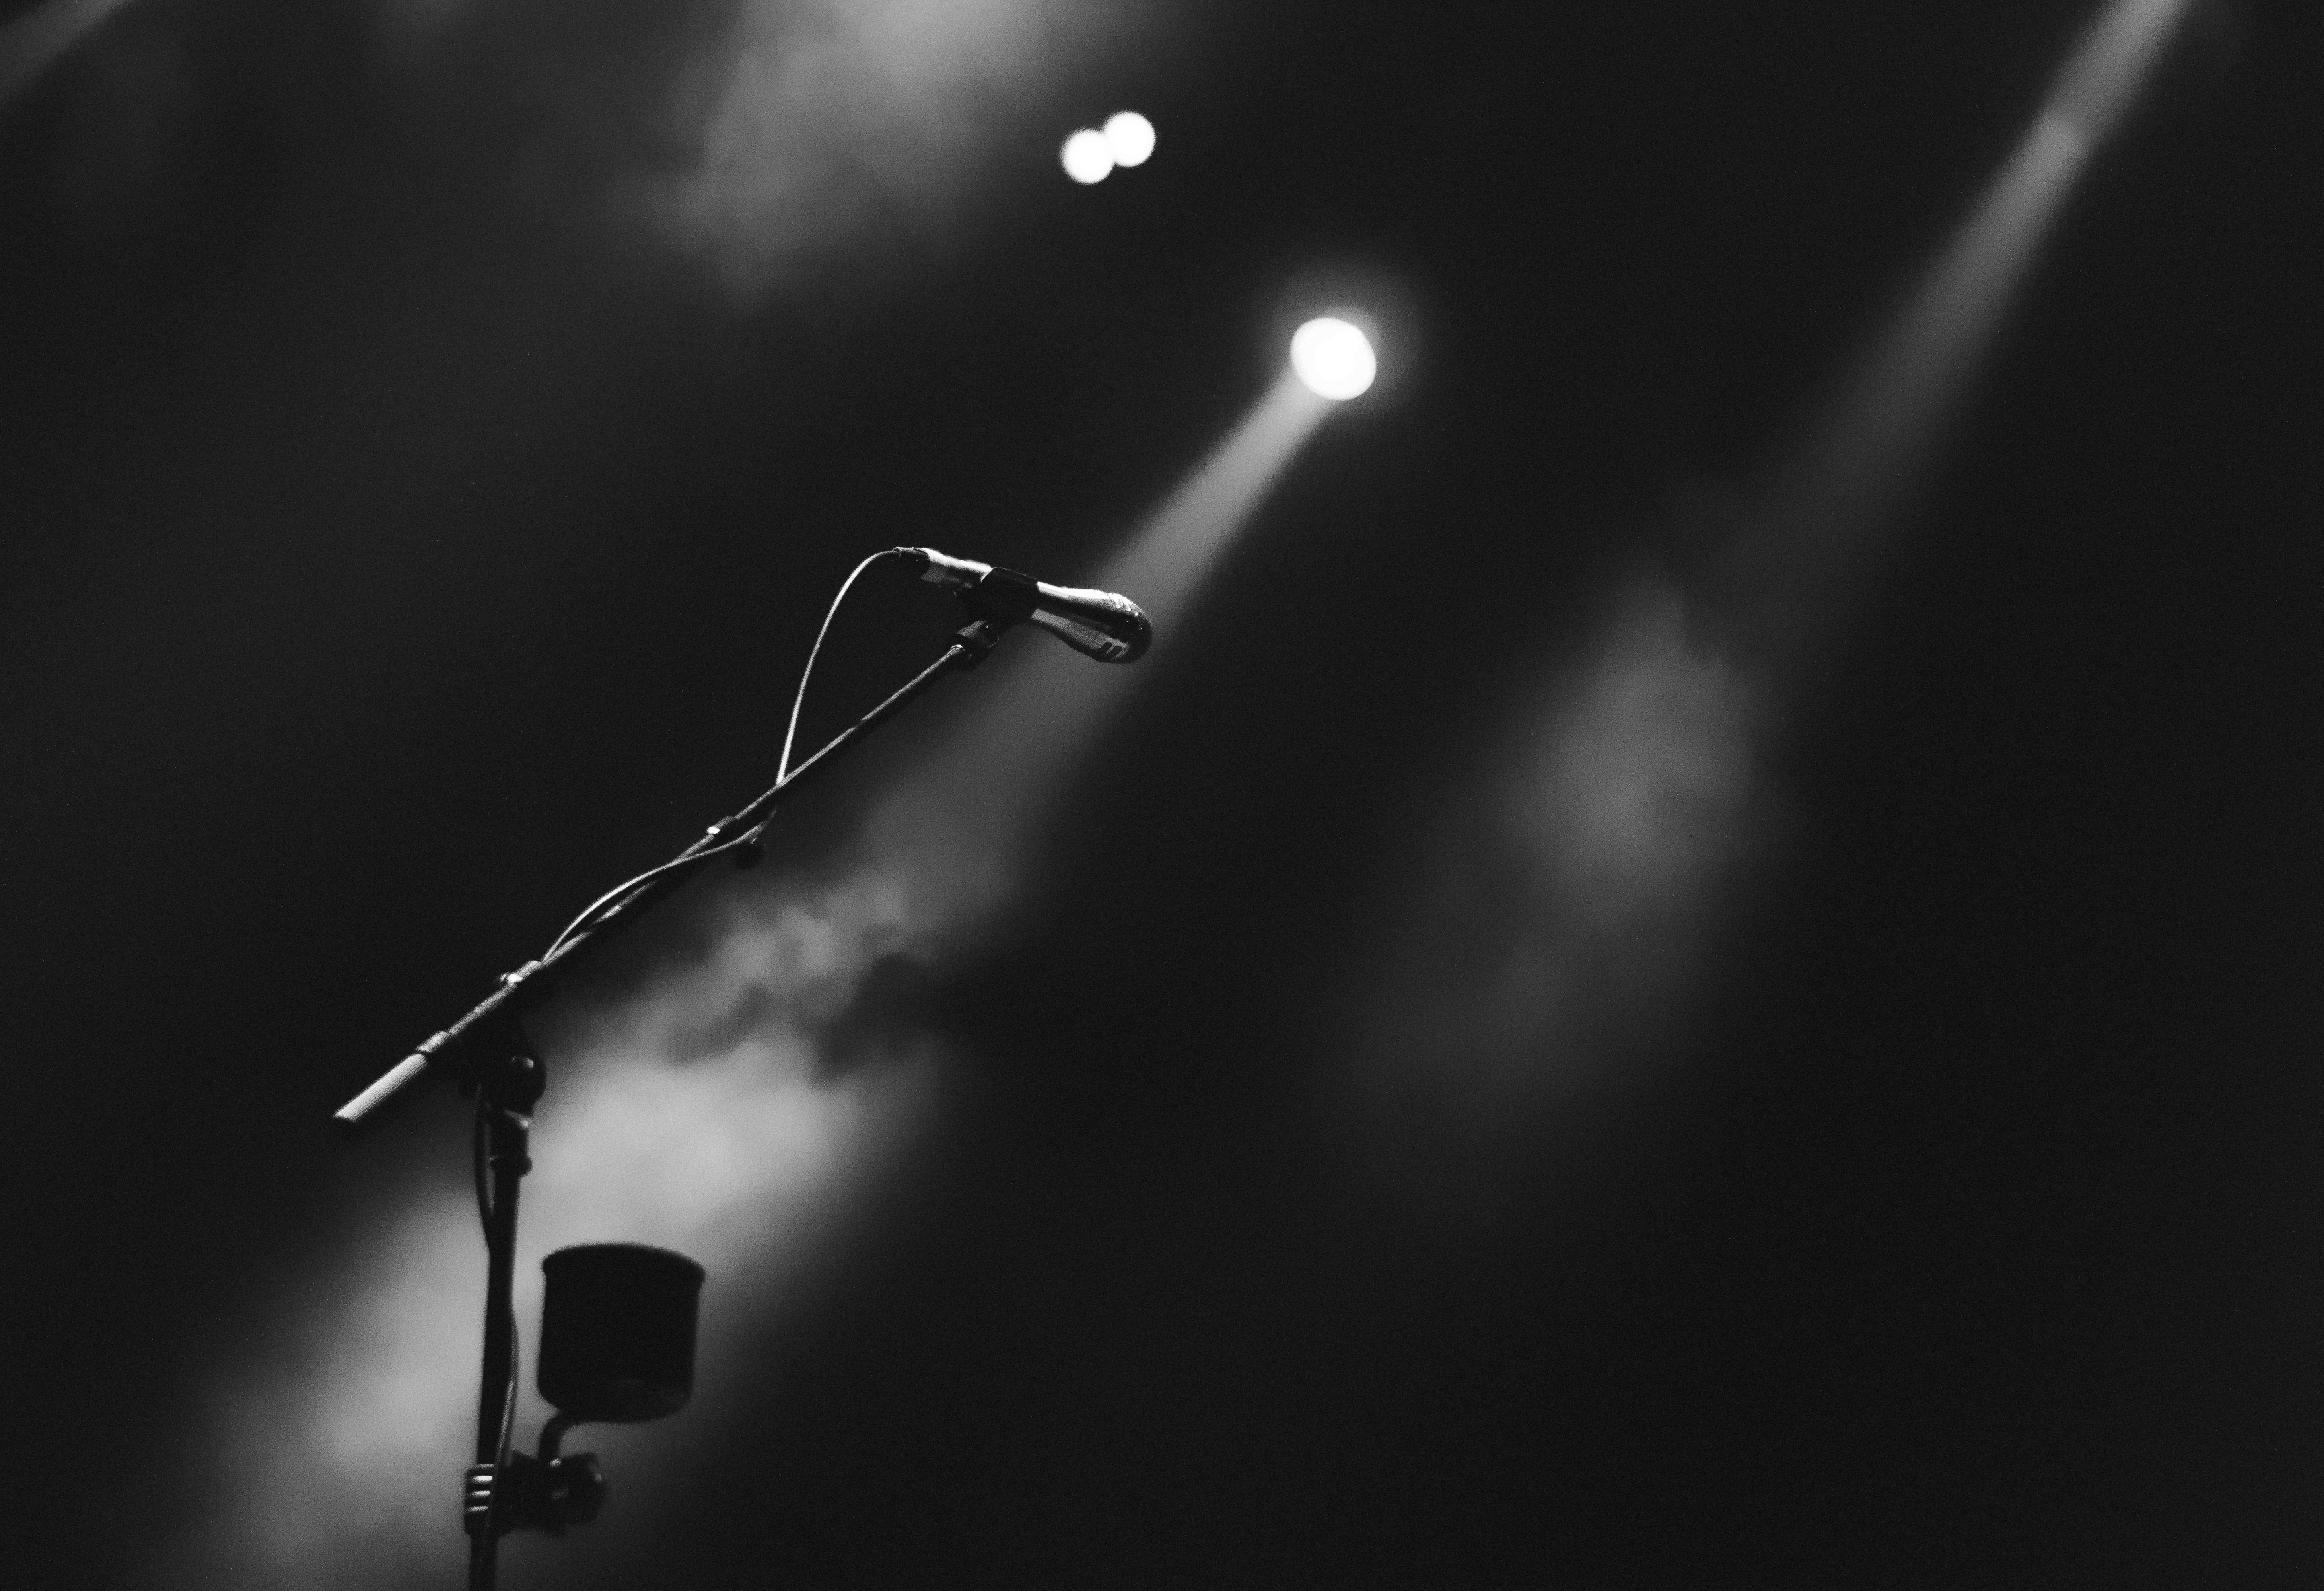 pexels-foto-microfono